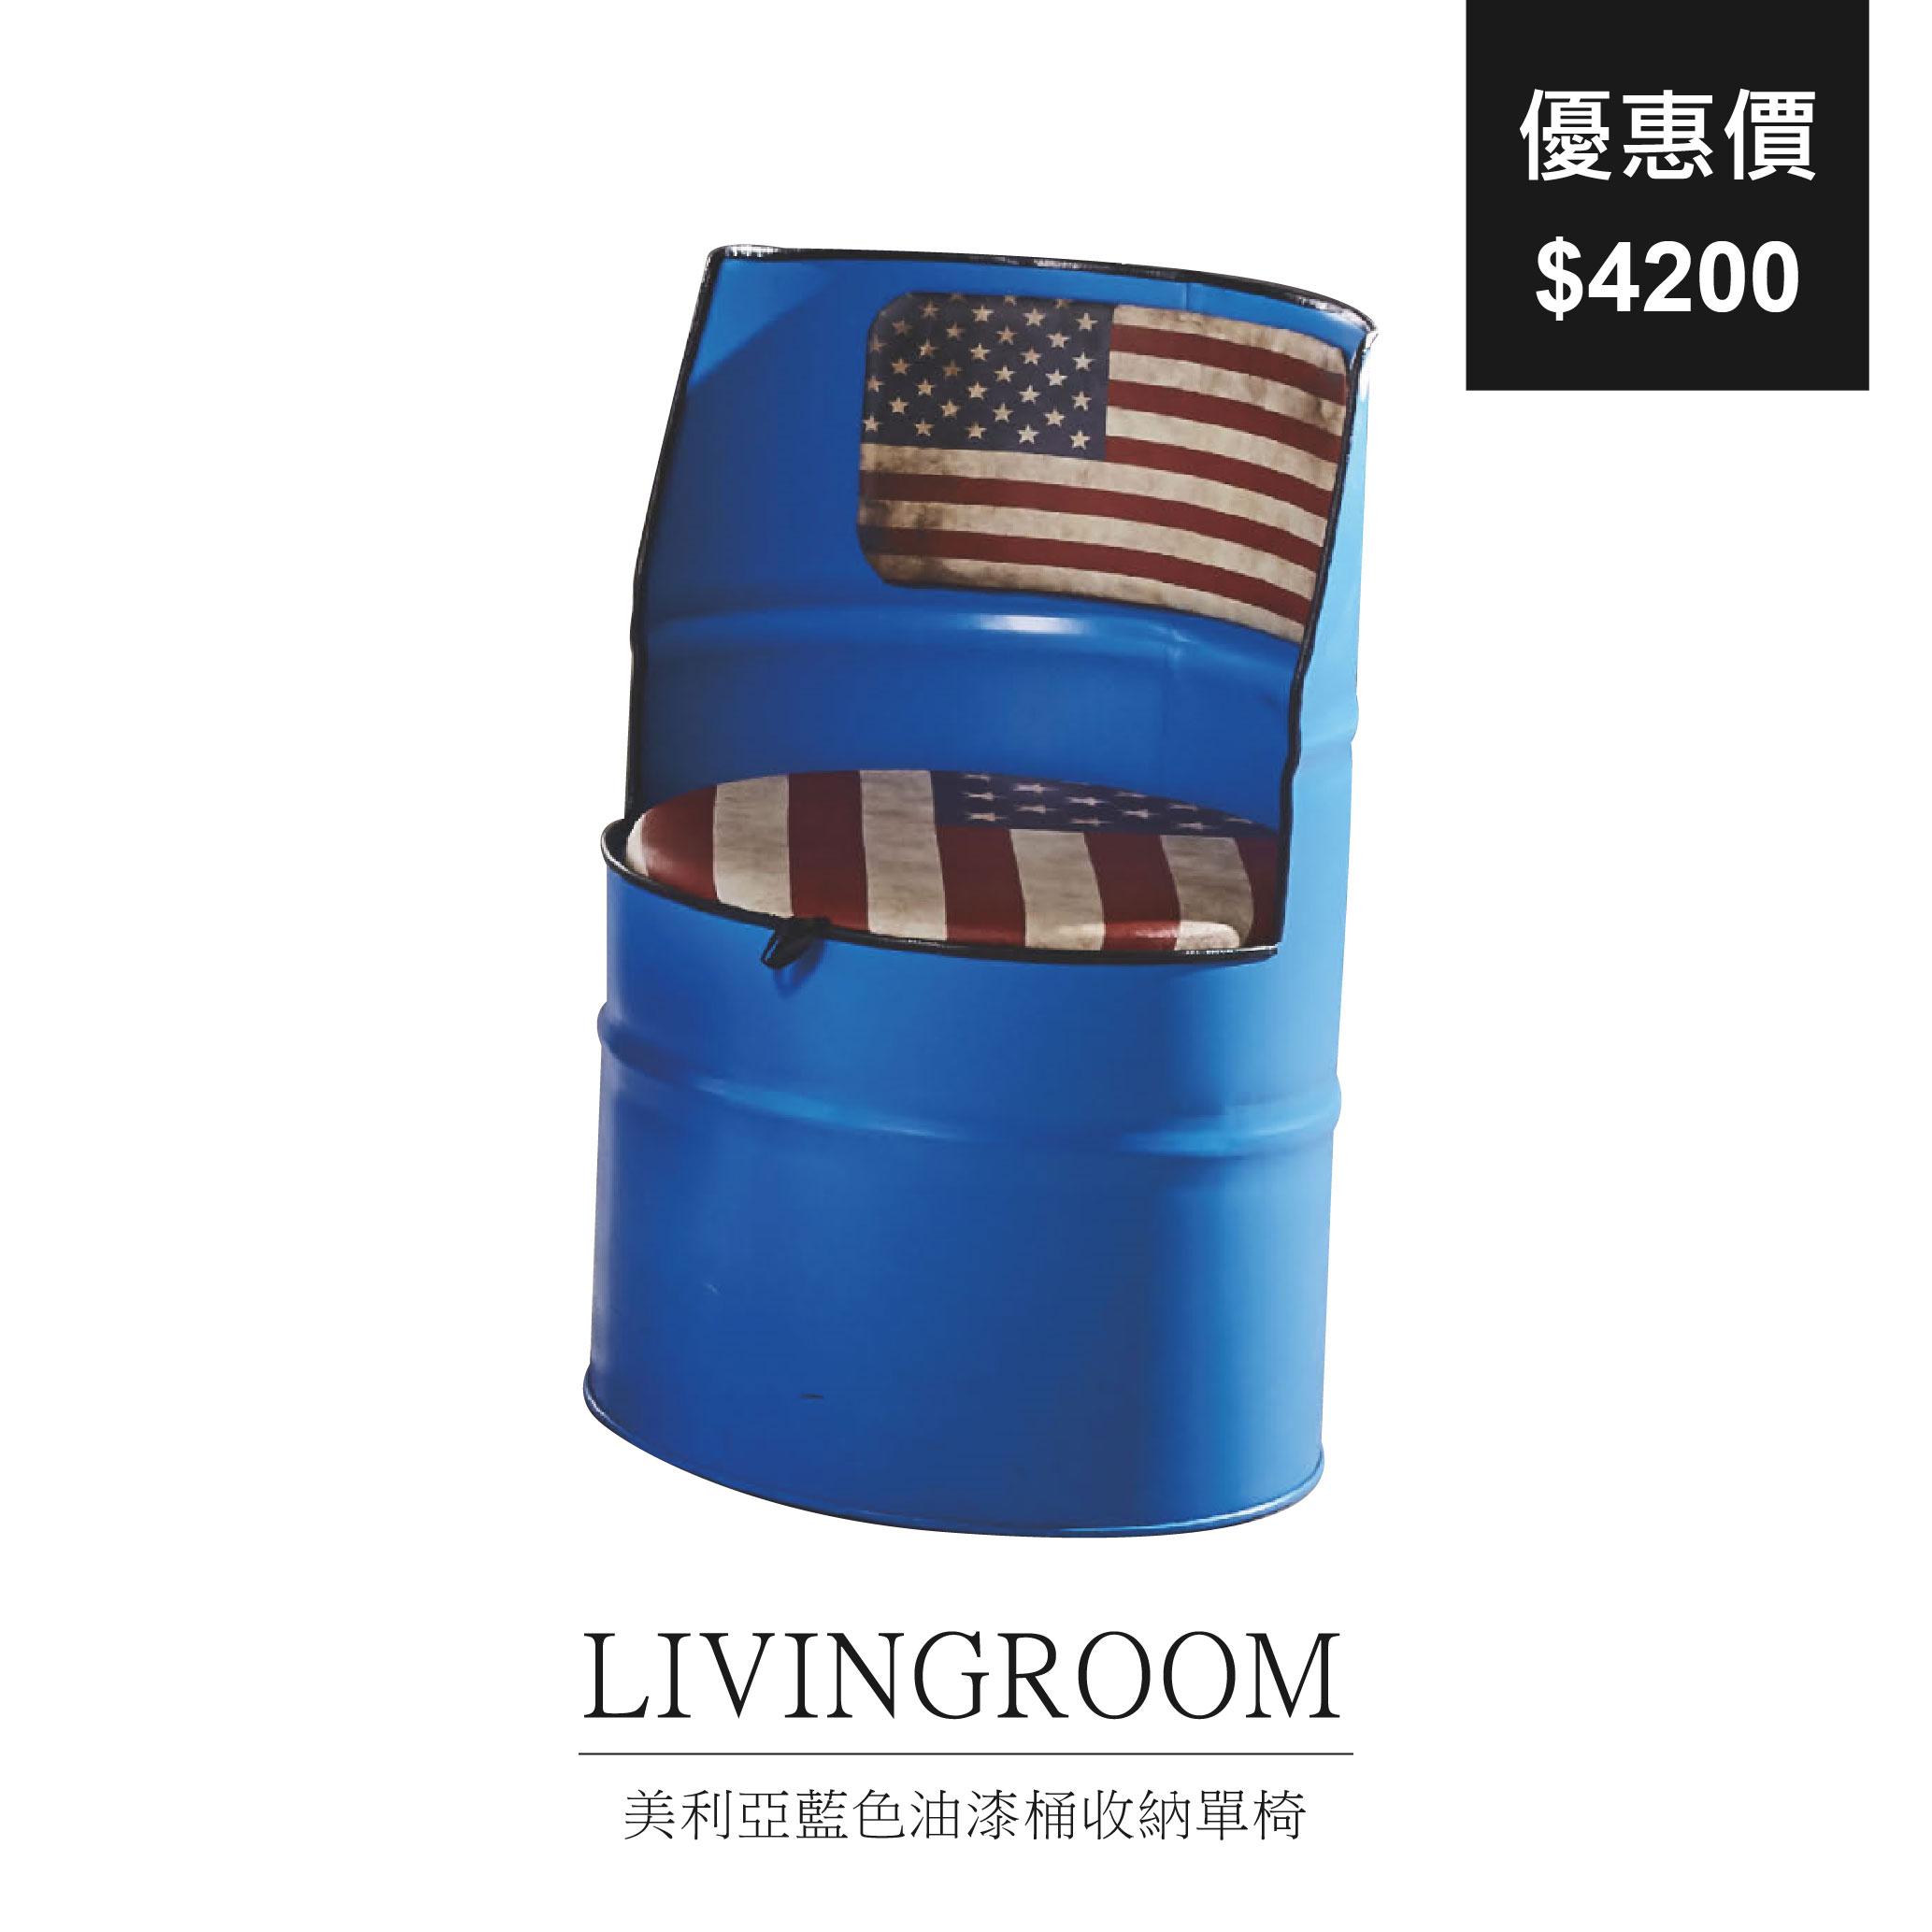 美利亞藍色油漆桶收納單椅